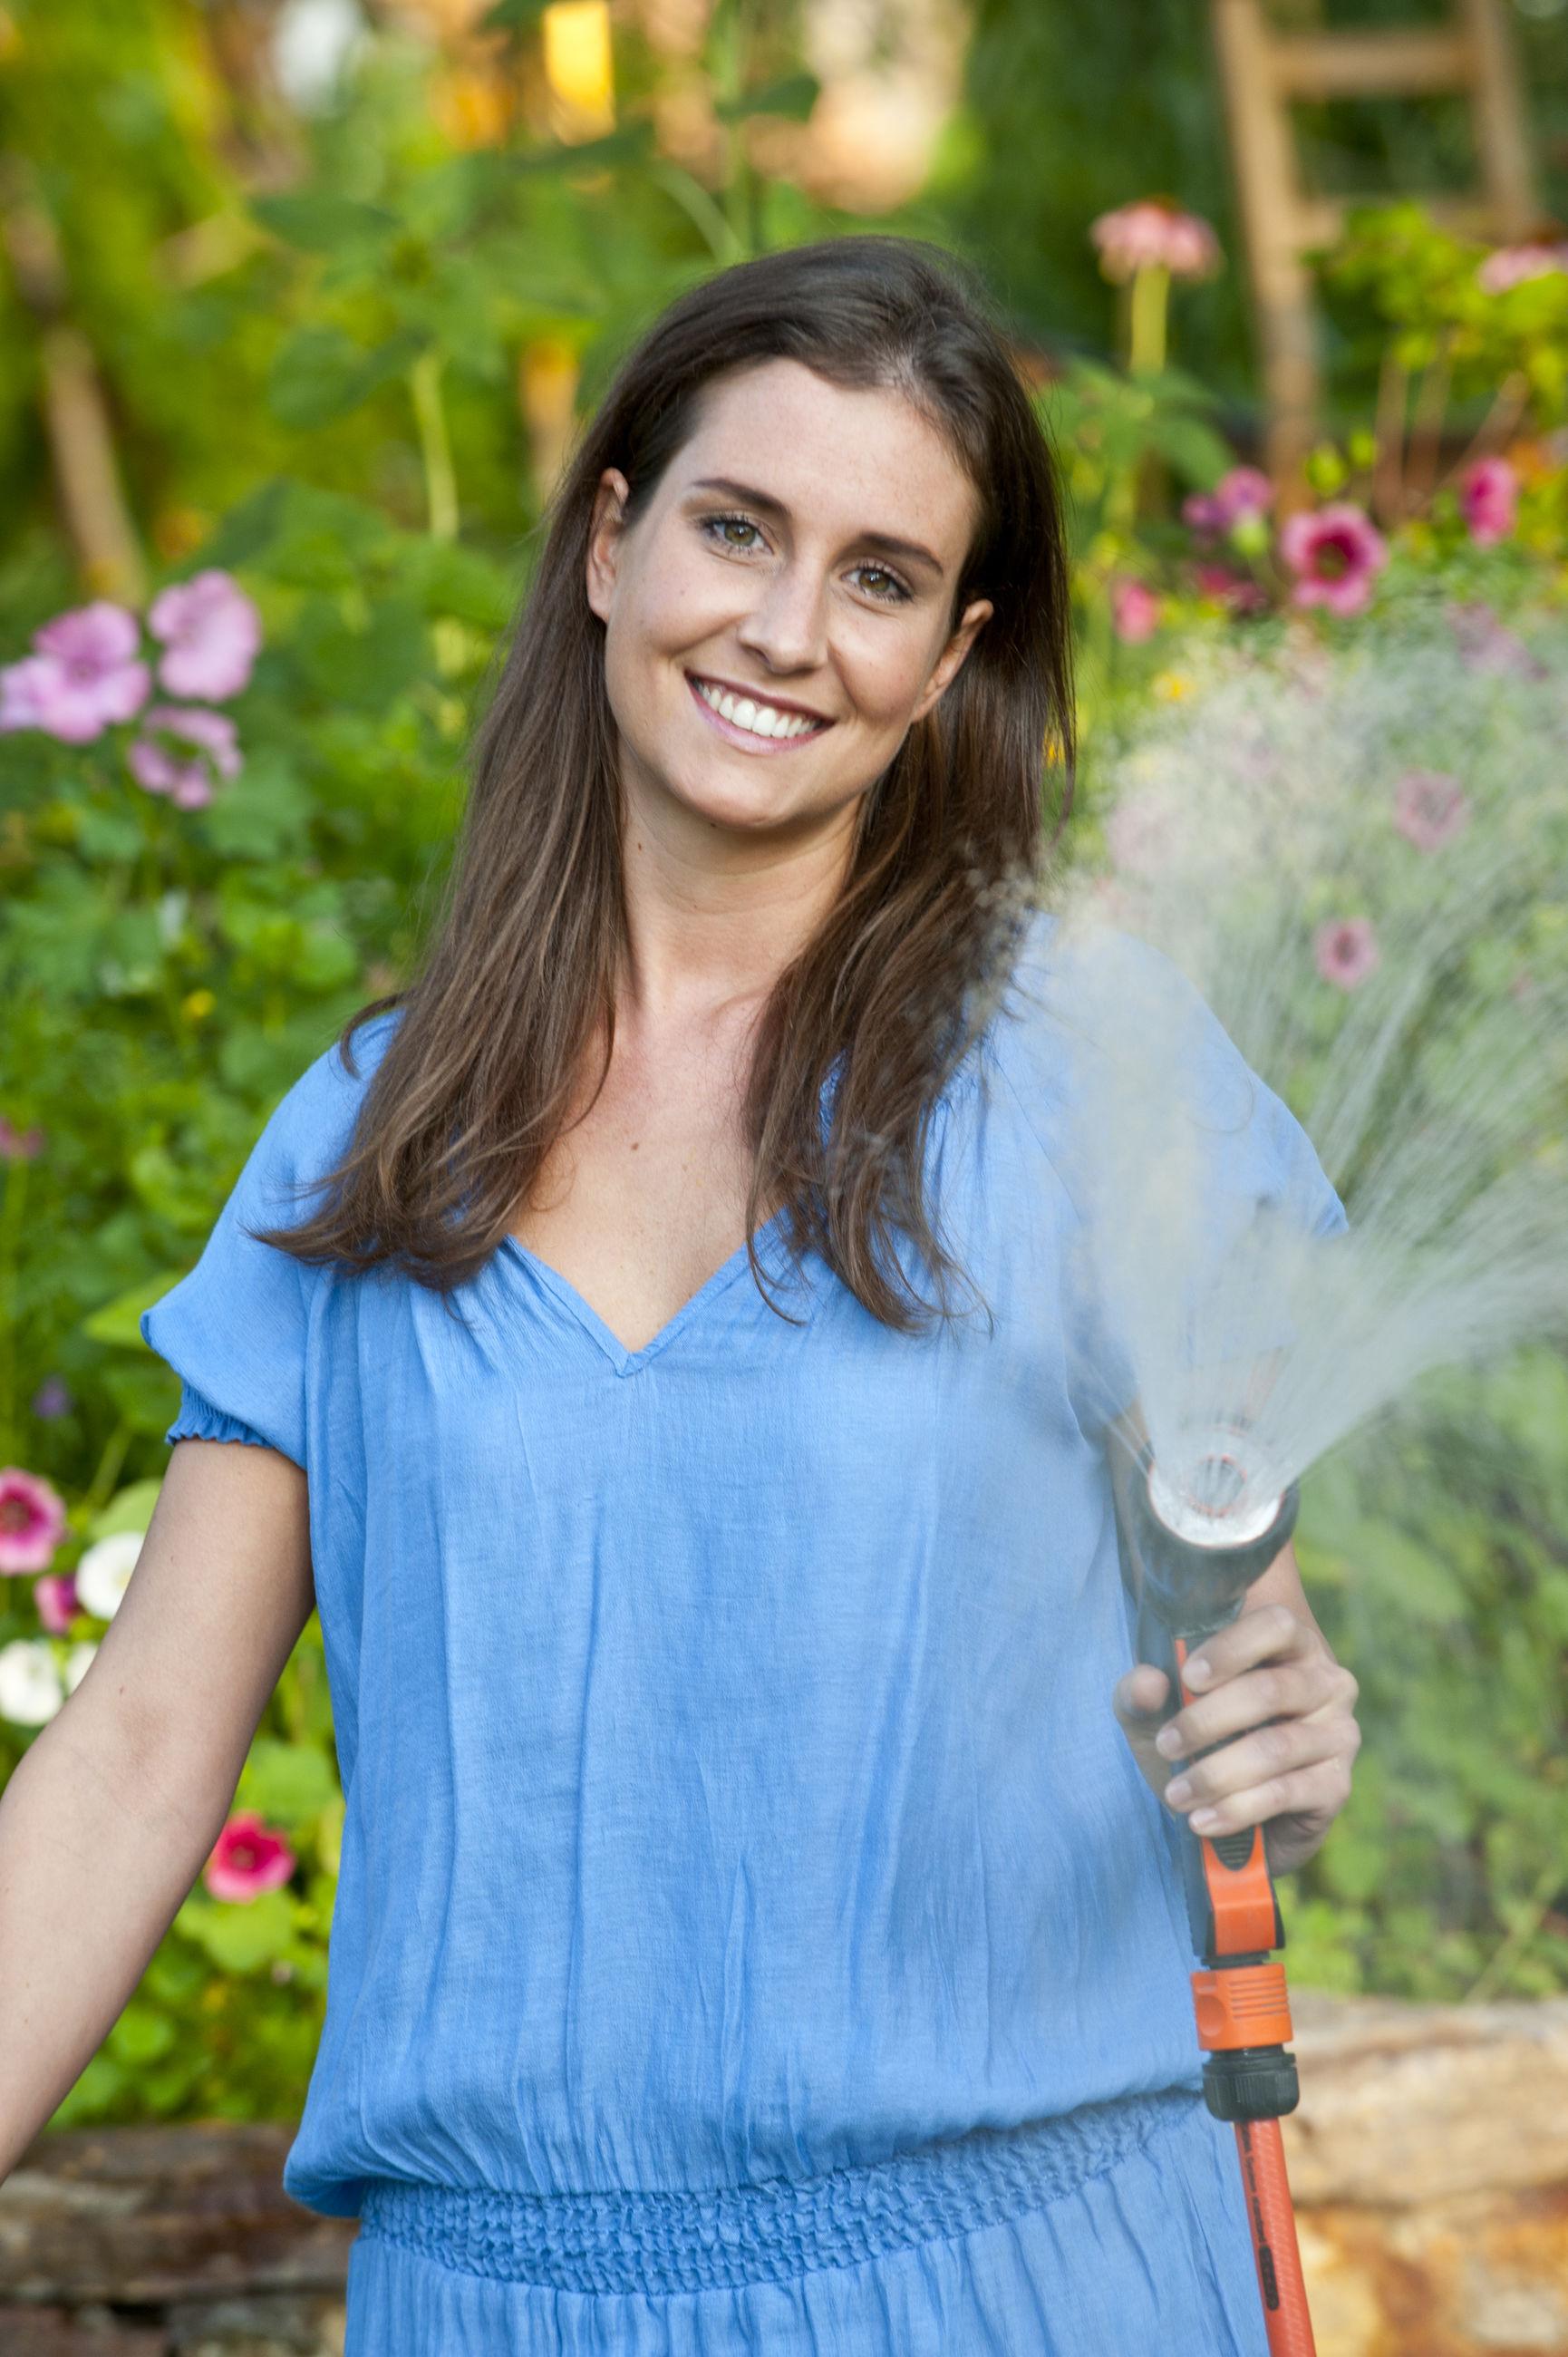 Portrait of woman watering plants